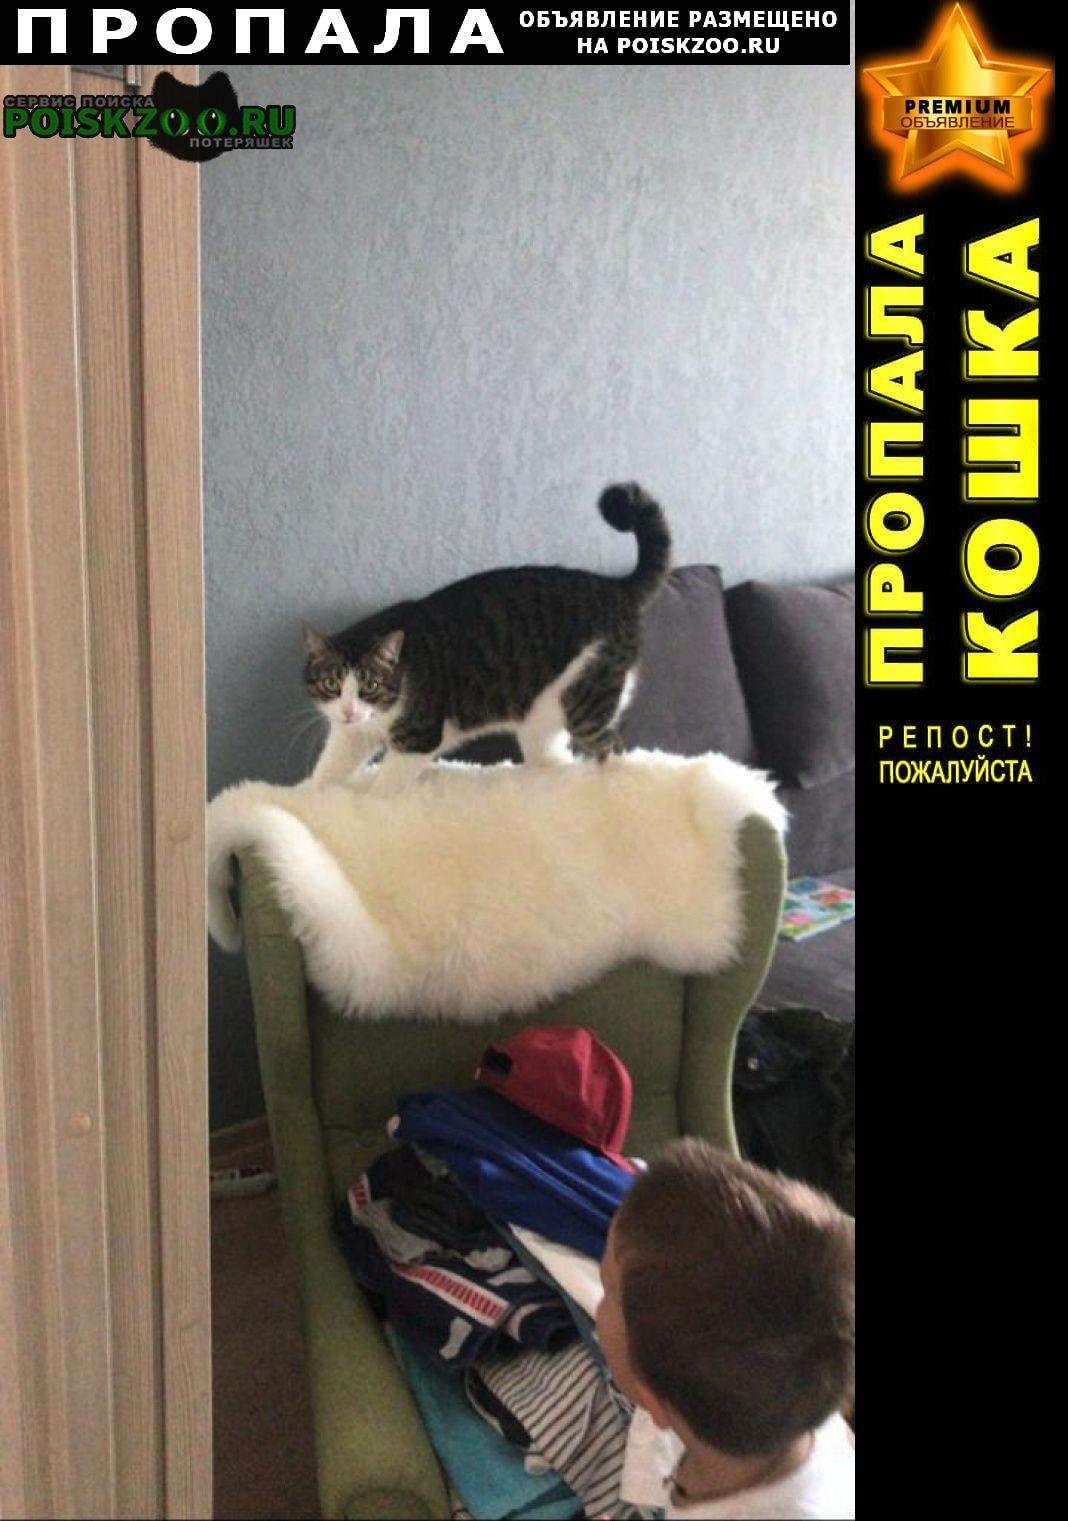 Пропал кот вася в голубом ошейнике Санкт-Петербург